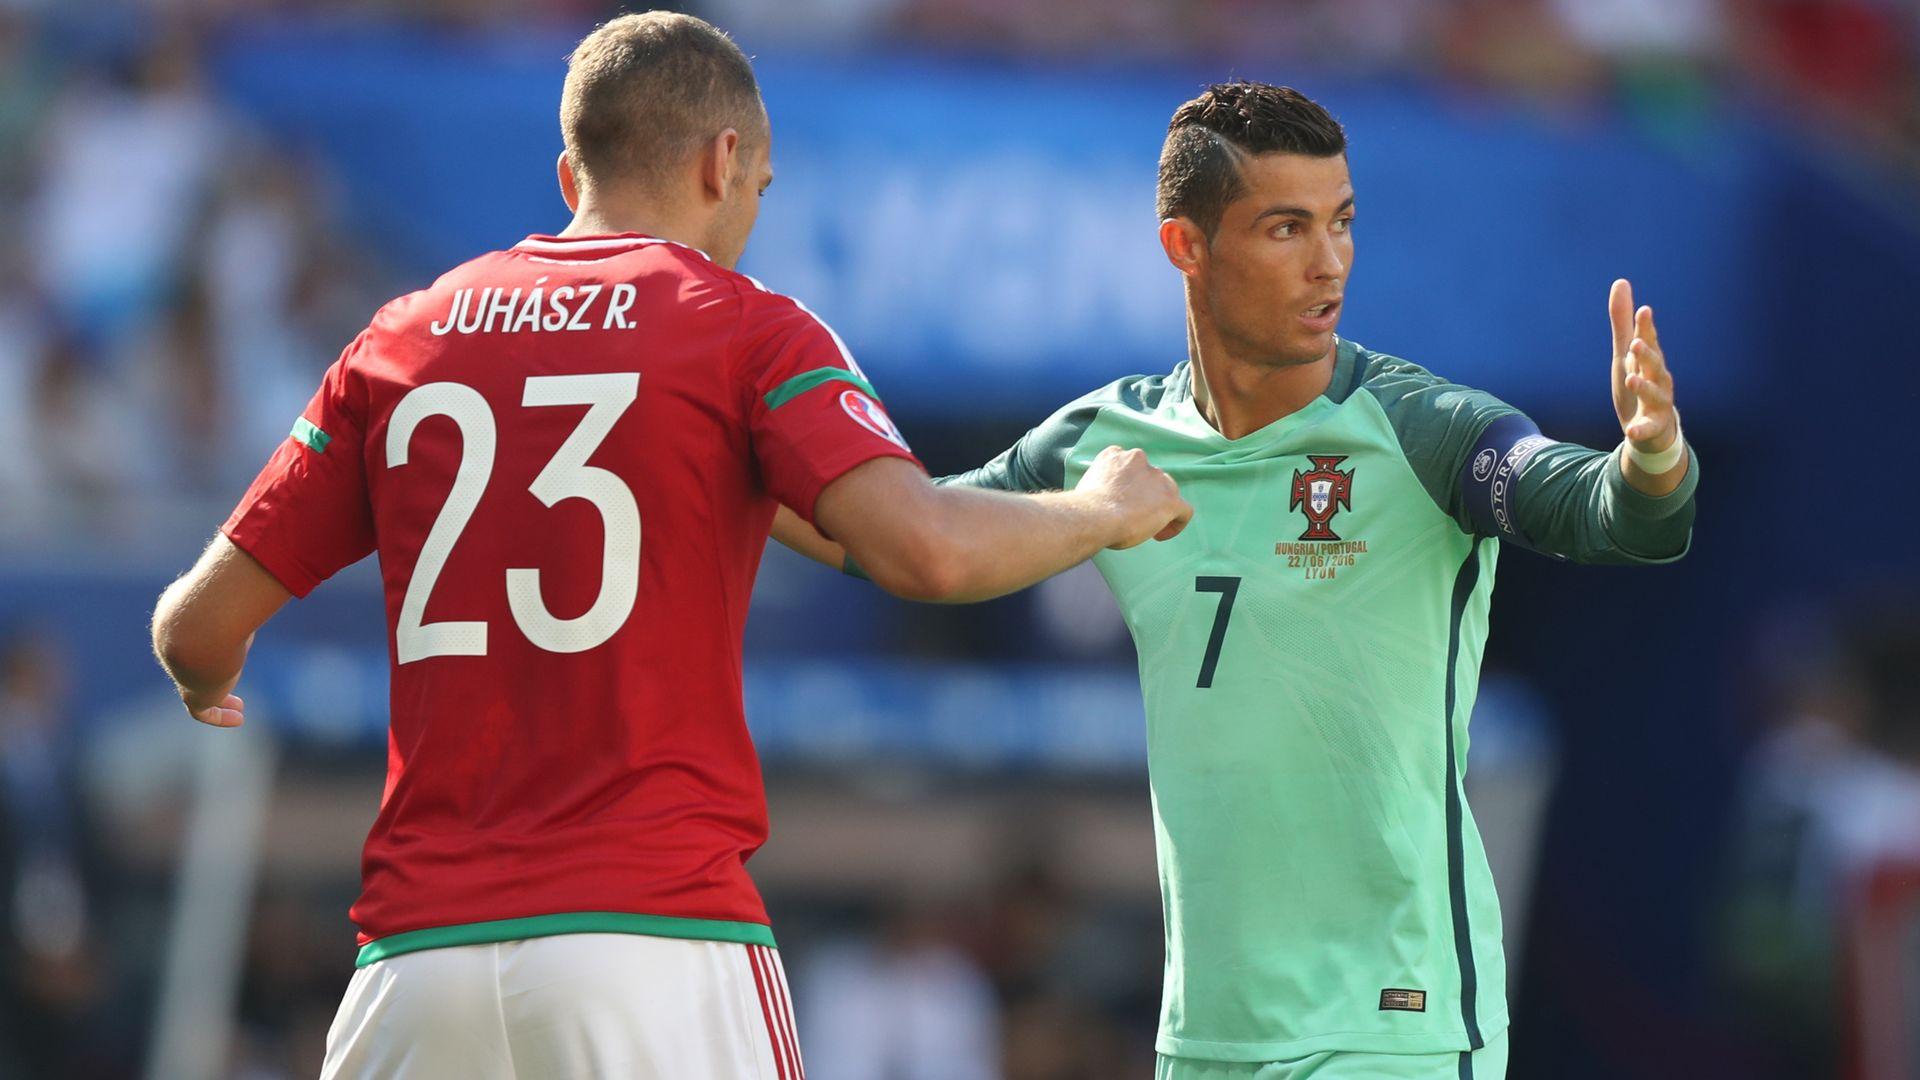 Er Ist Eine Schande Für Die Nation Maulkorb Für Ronaldo